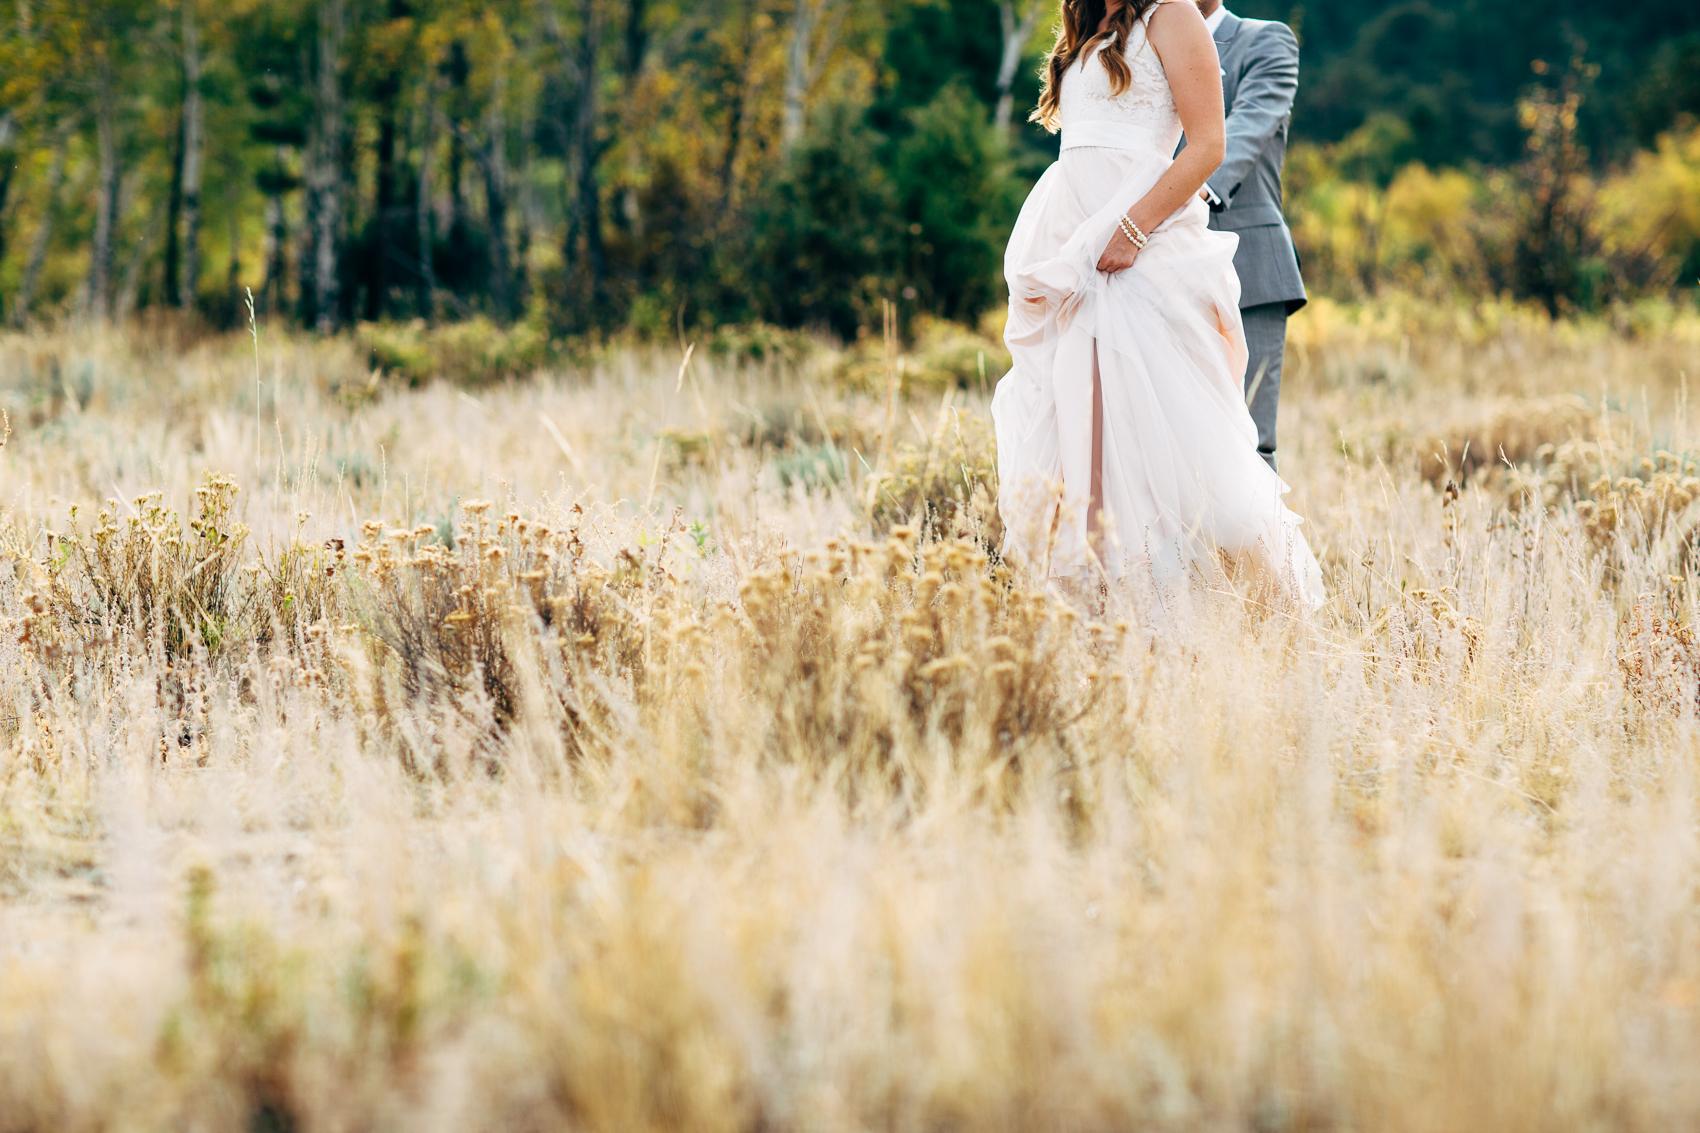 weddings-fth-15.jpg